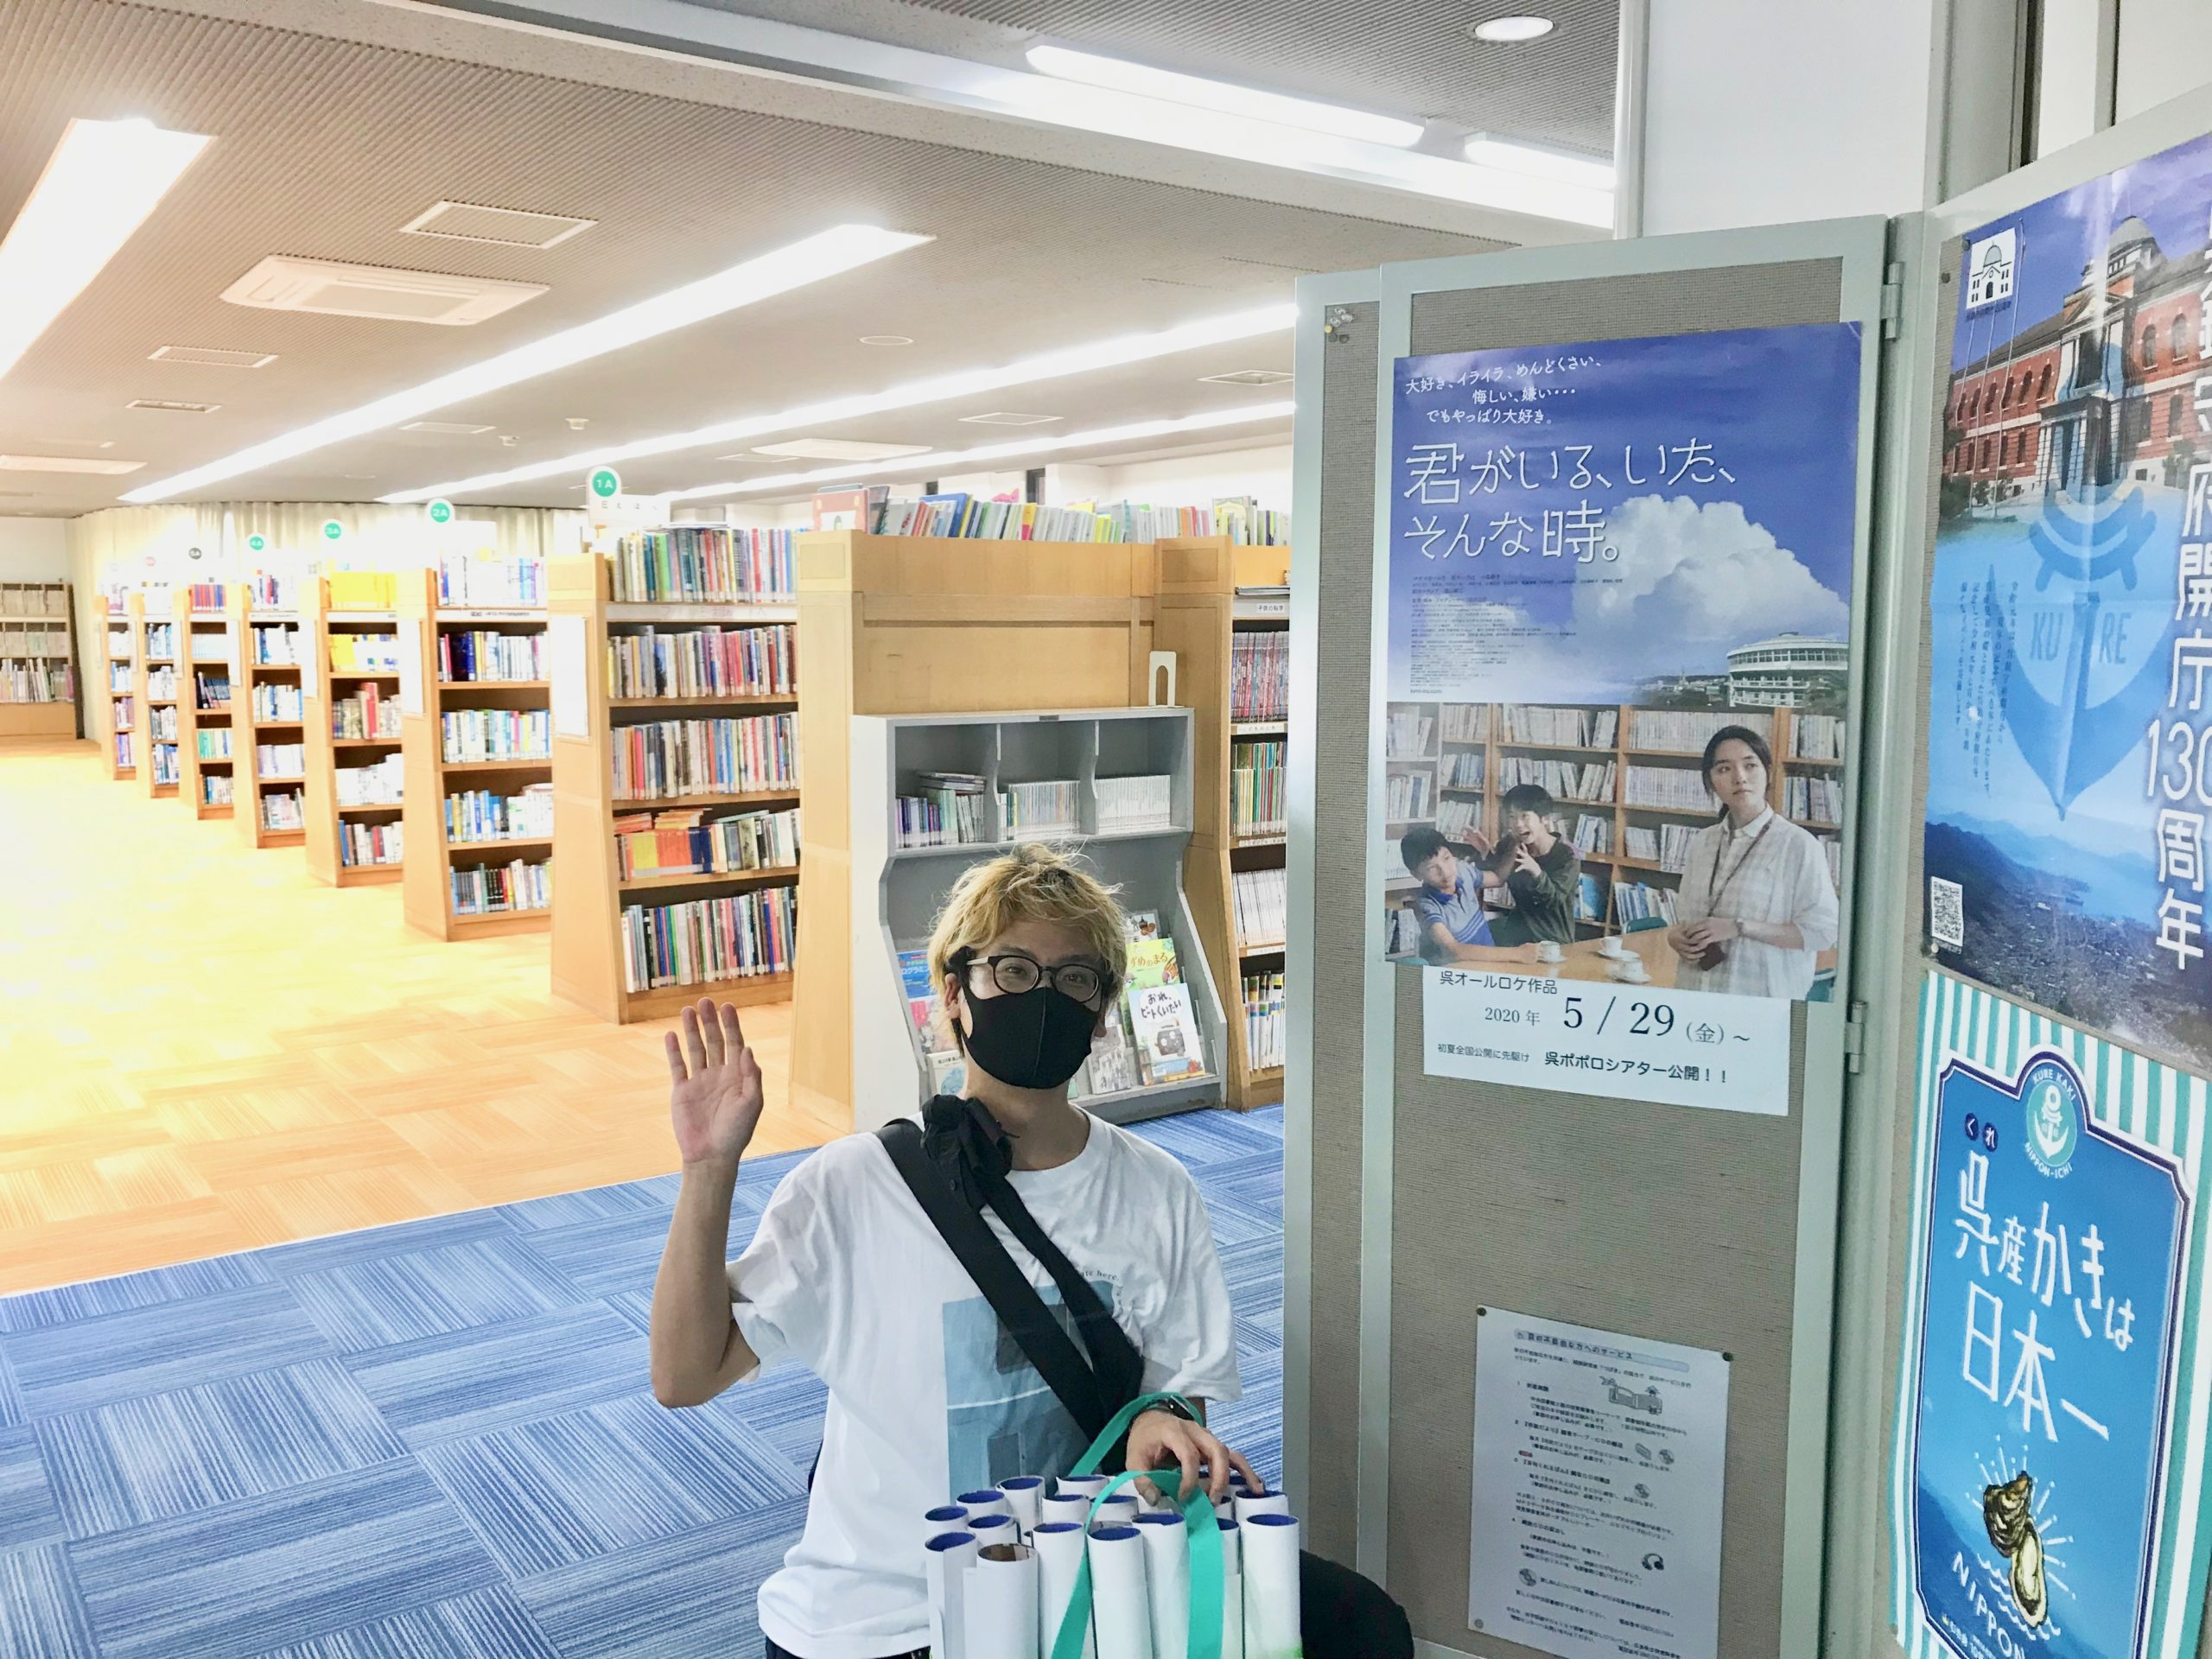 呉市立図書館